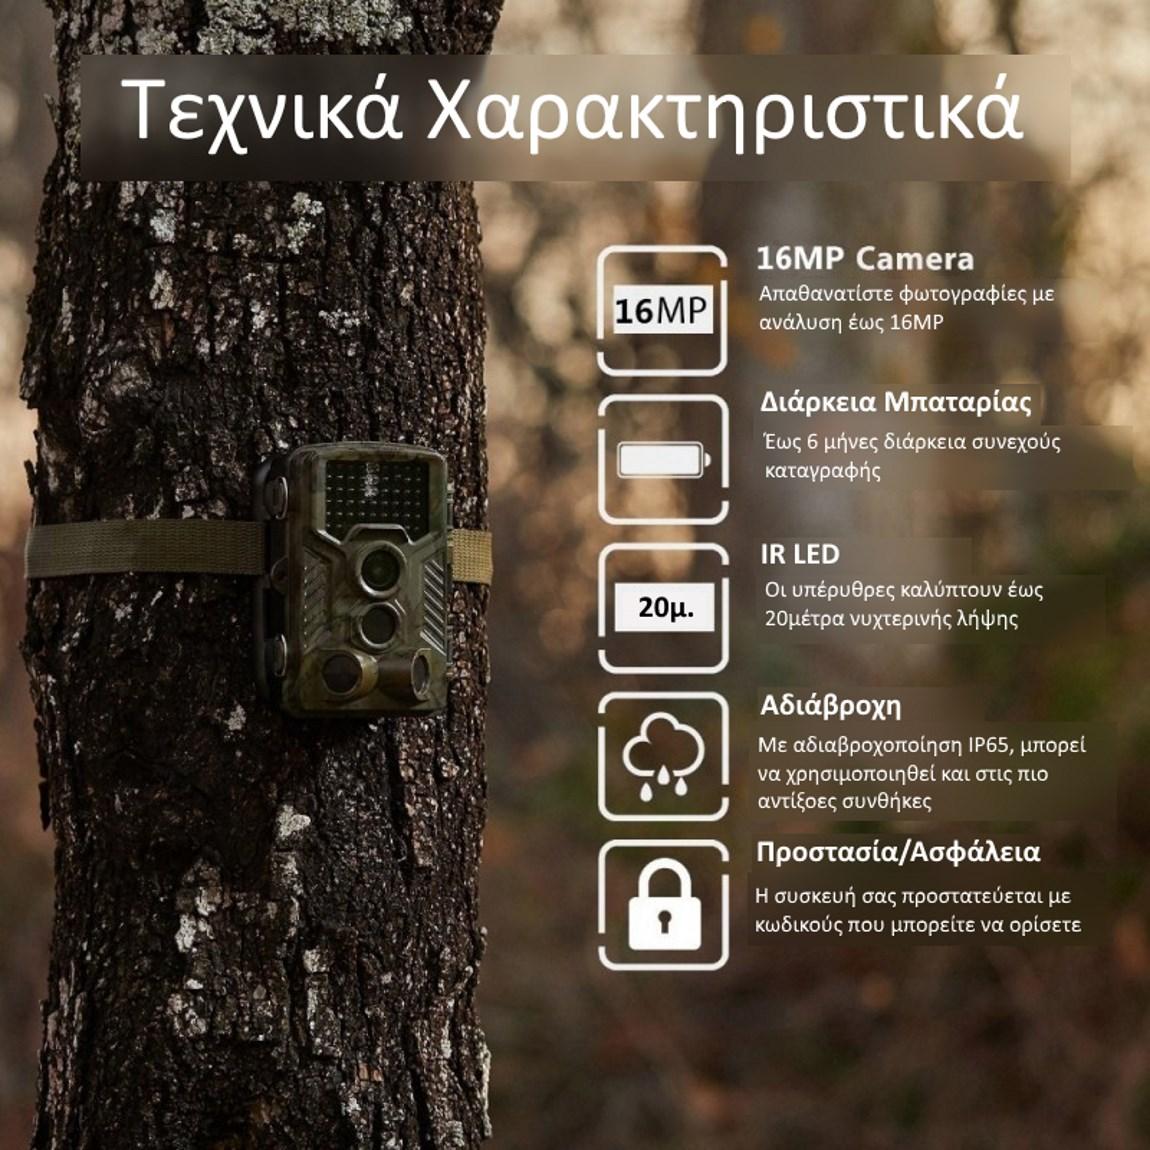 Suntek HC-800LTE τεχνικά χαρακτηριστικά